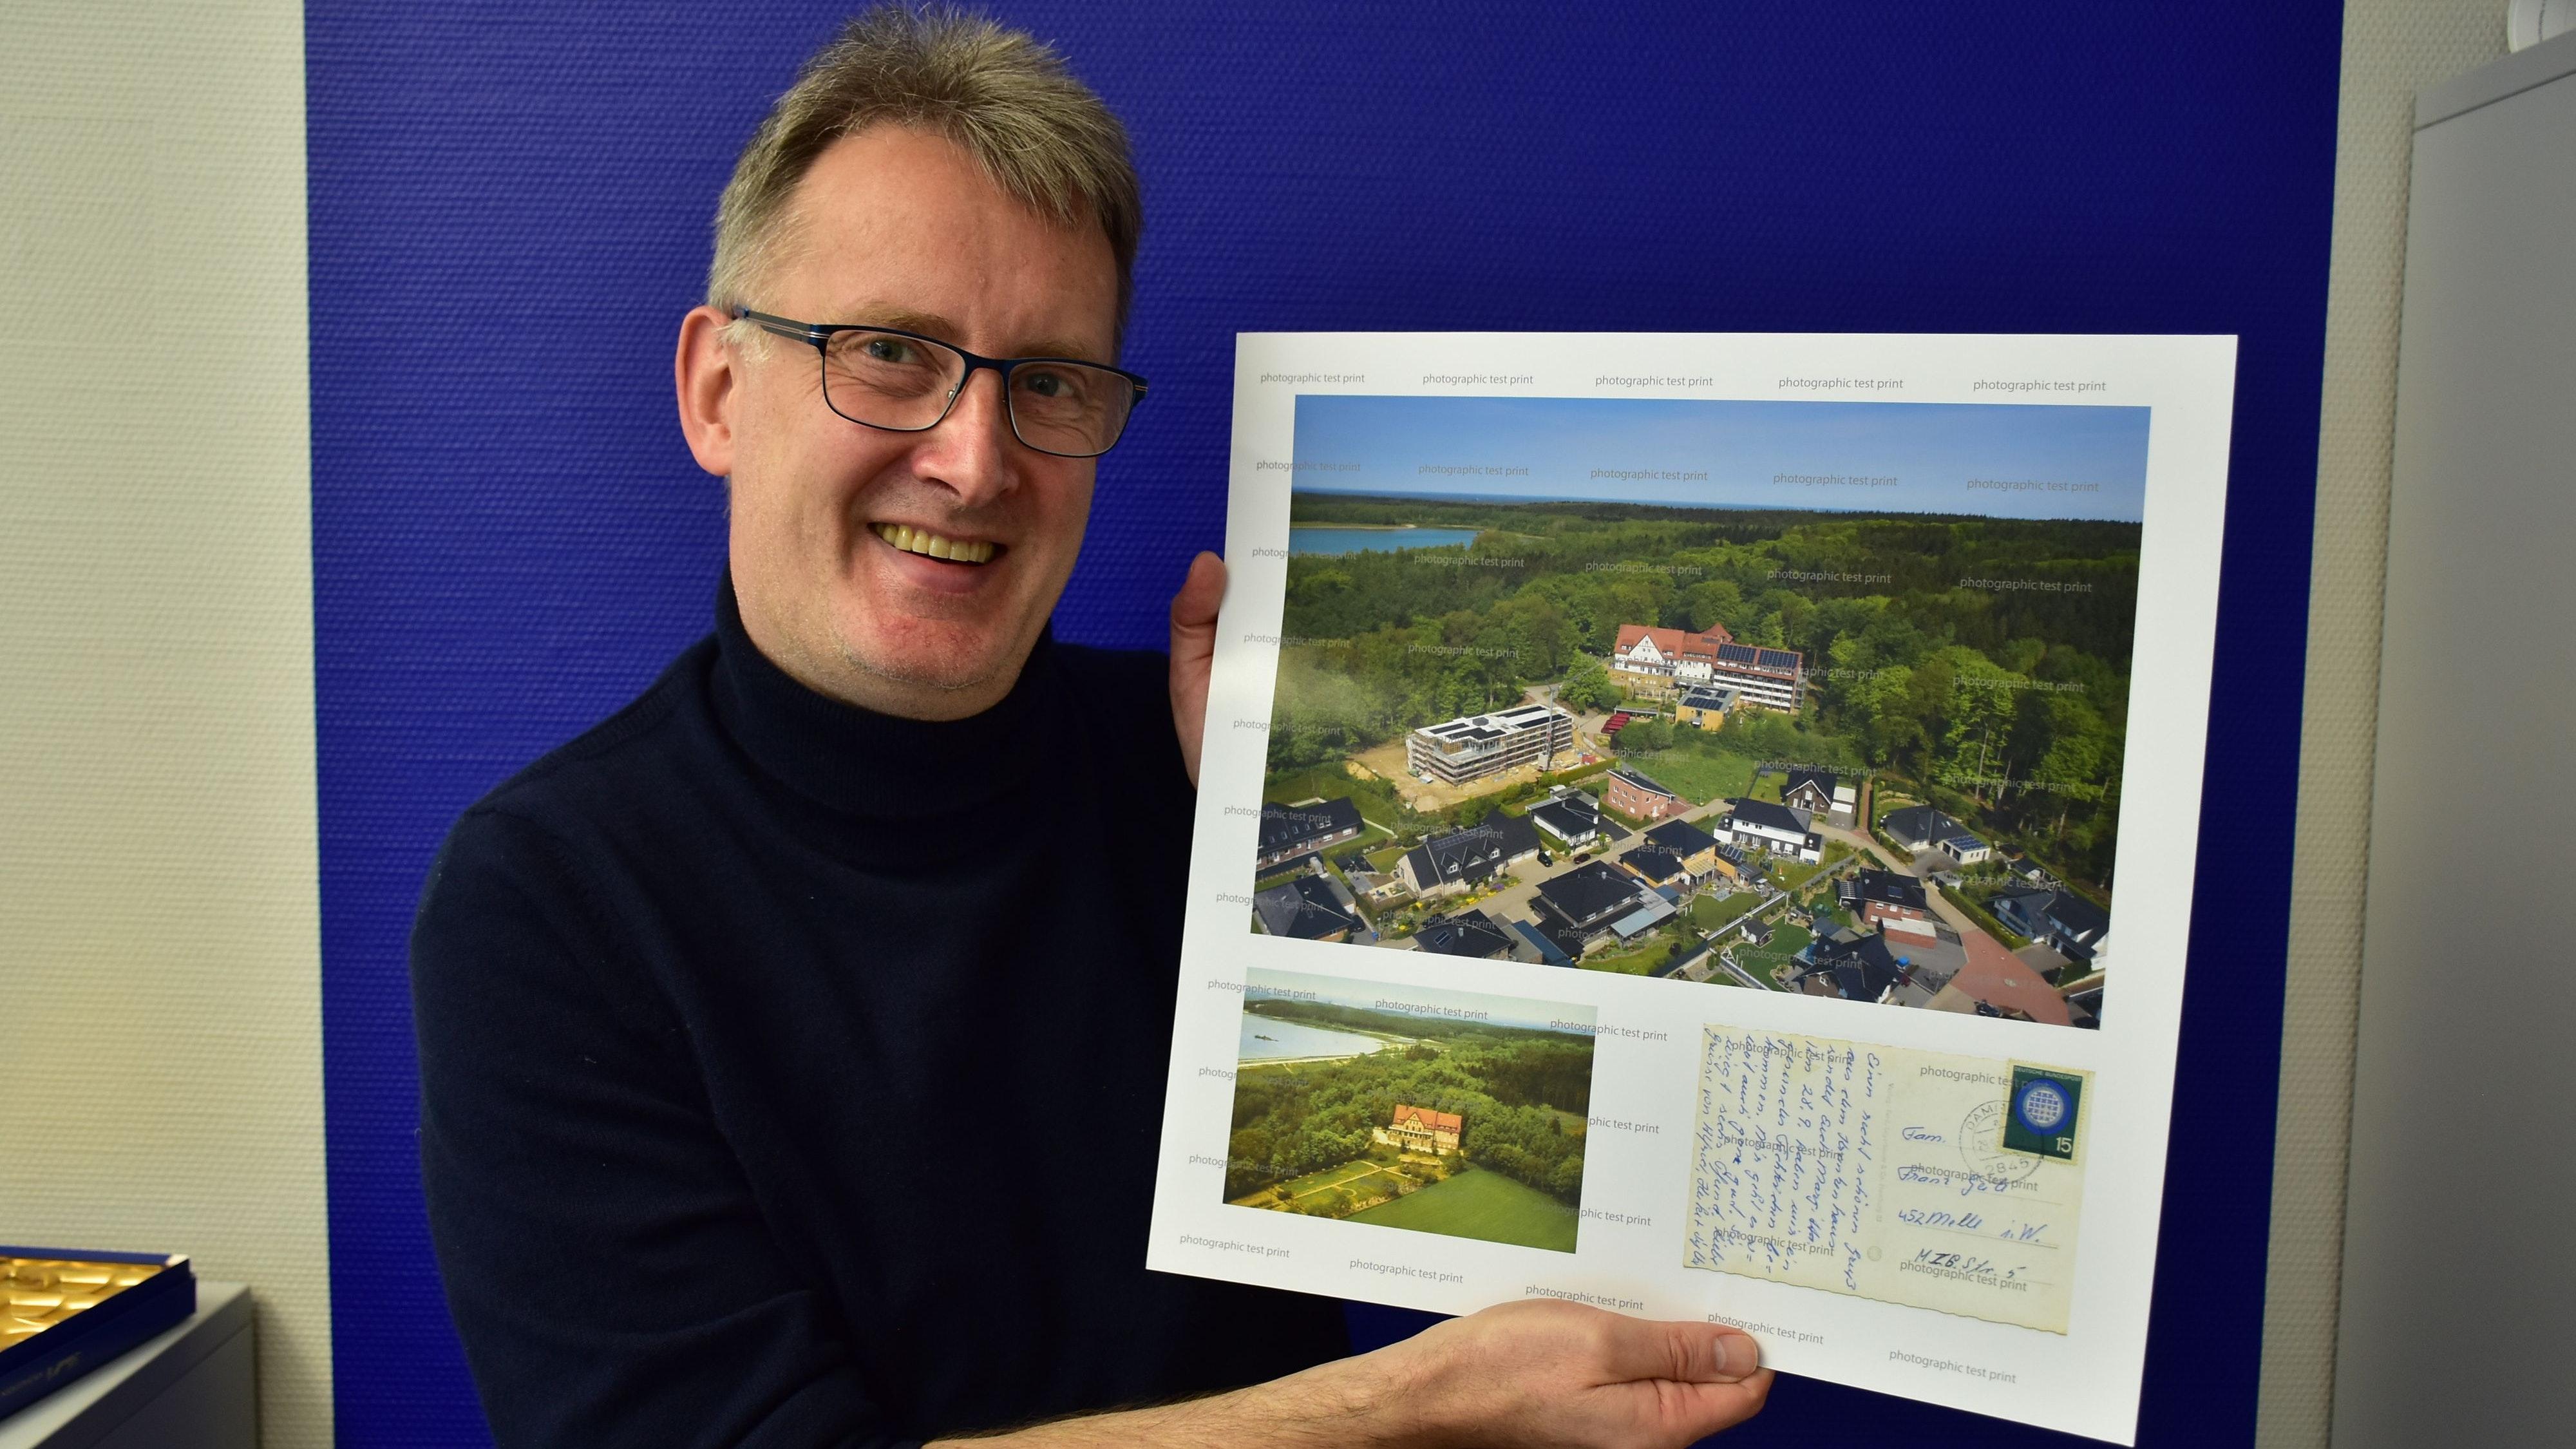 Neu und alt: Martin von den Driesch zeigt eines der Kalenderblätter mit 2 Ansichten des Seniorenheims Haus Maria-Rast mit seiner früheren und heutigen Umgebung. Foto: Lammert